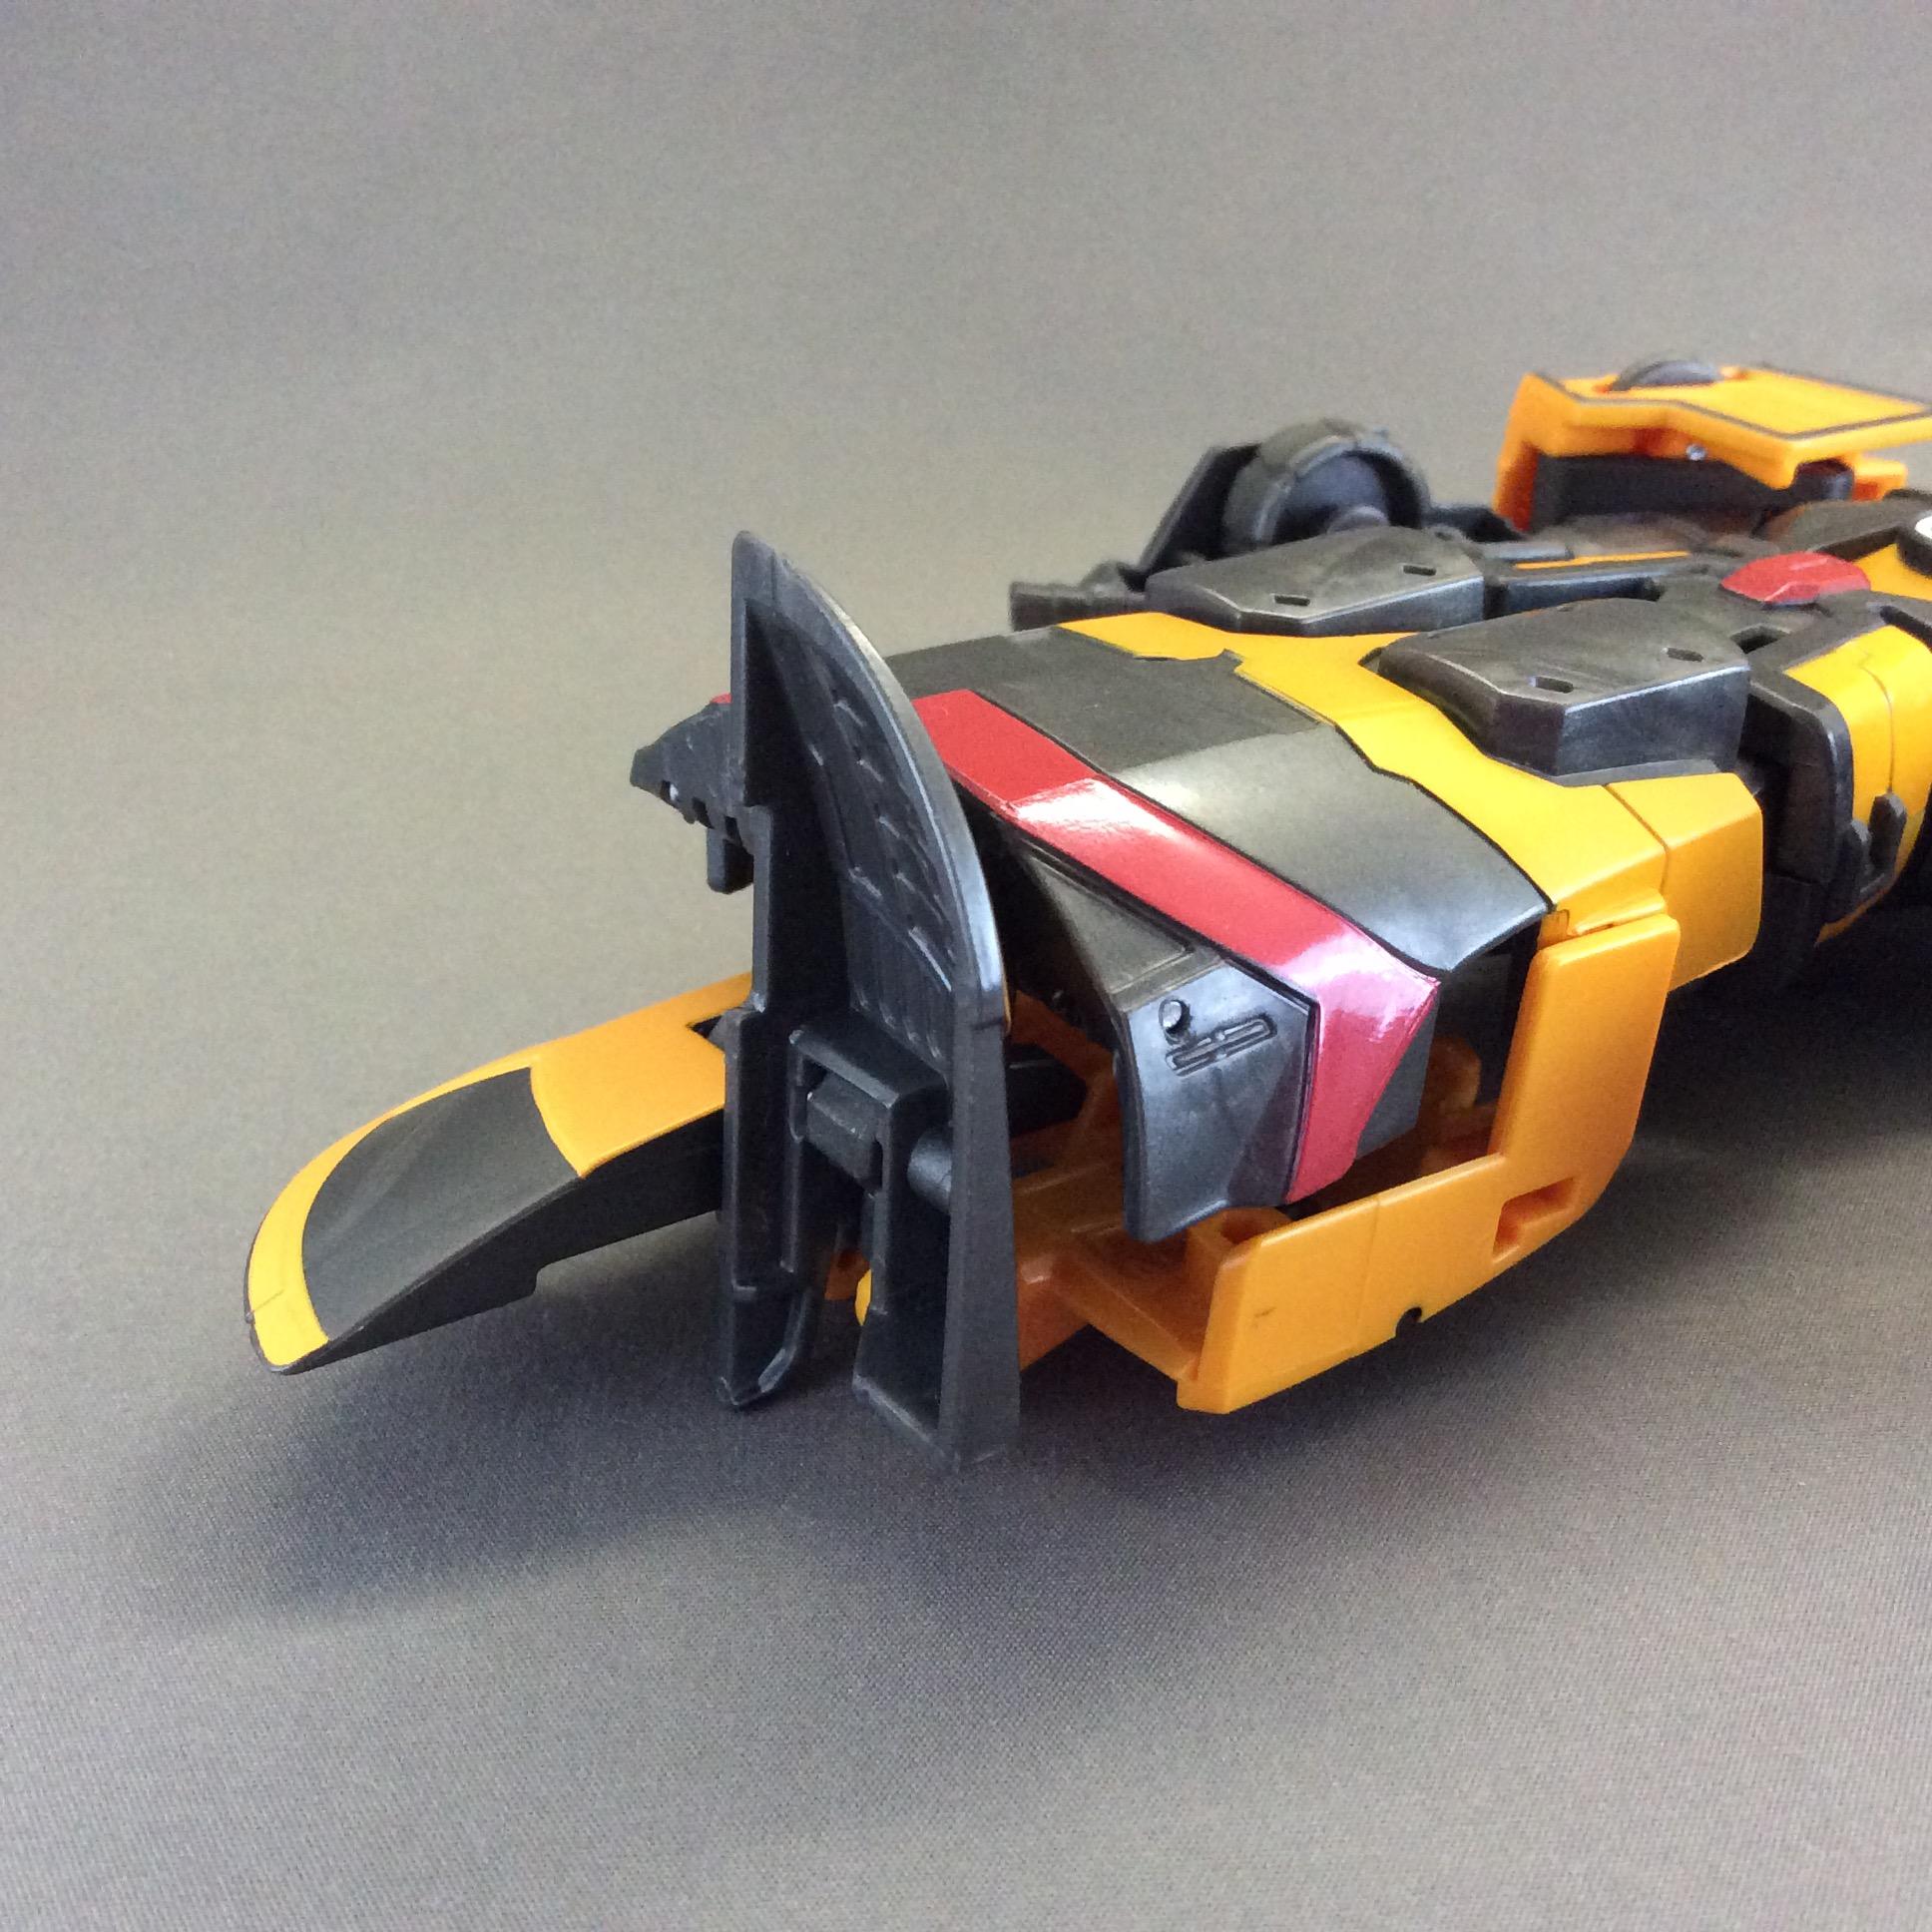 MSドリフト ロボットモード(8)